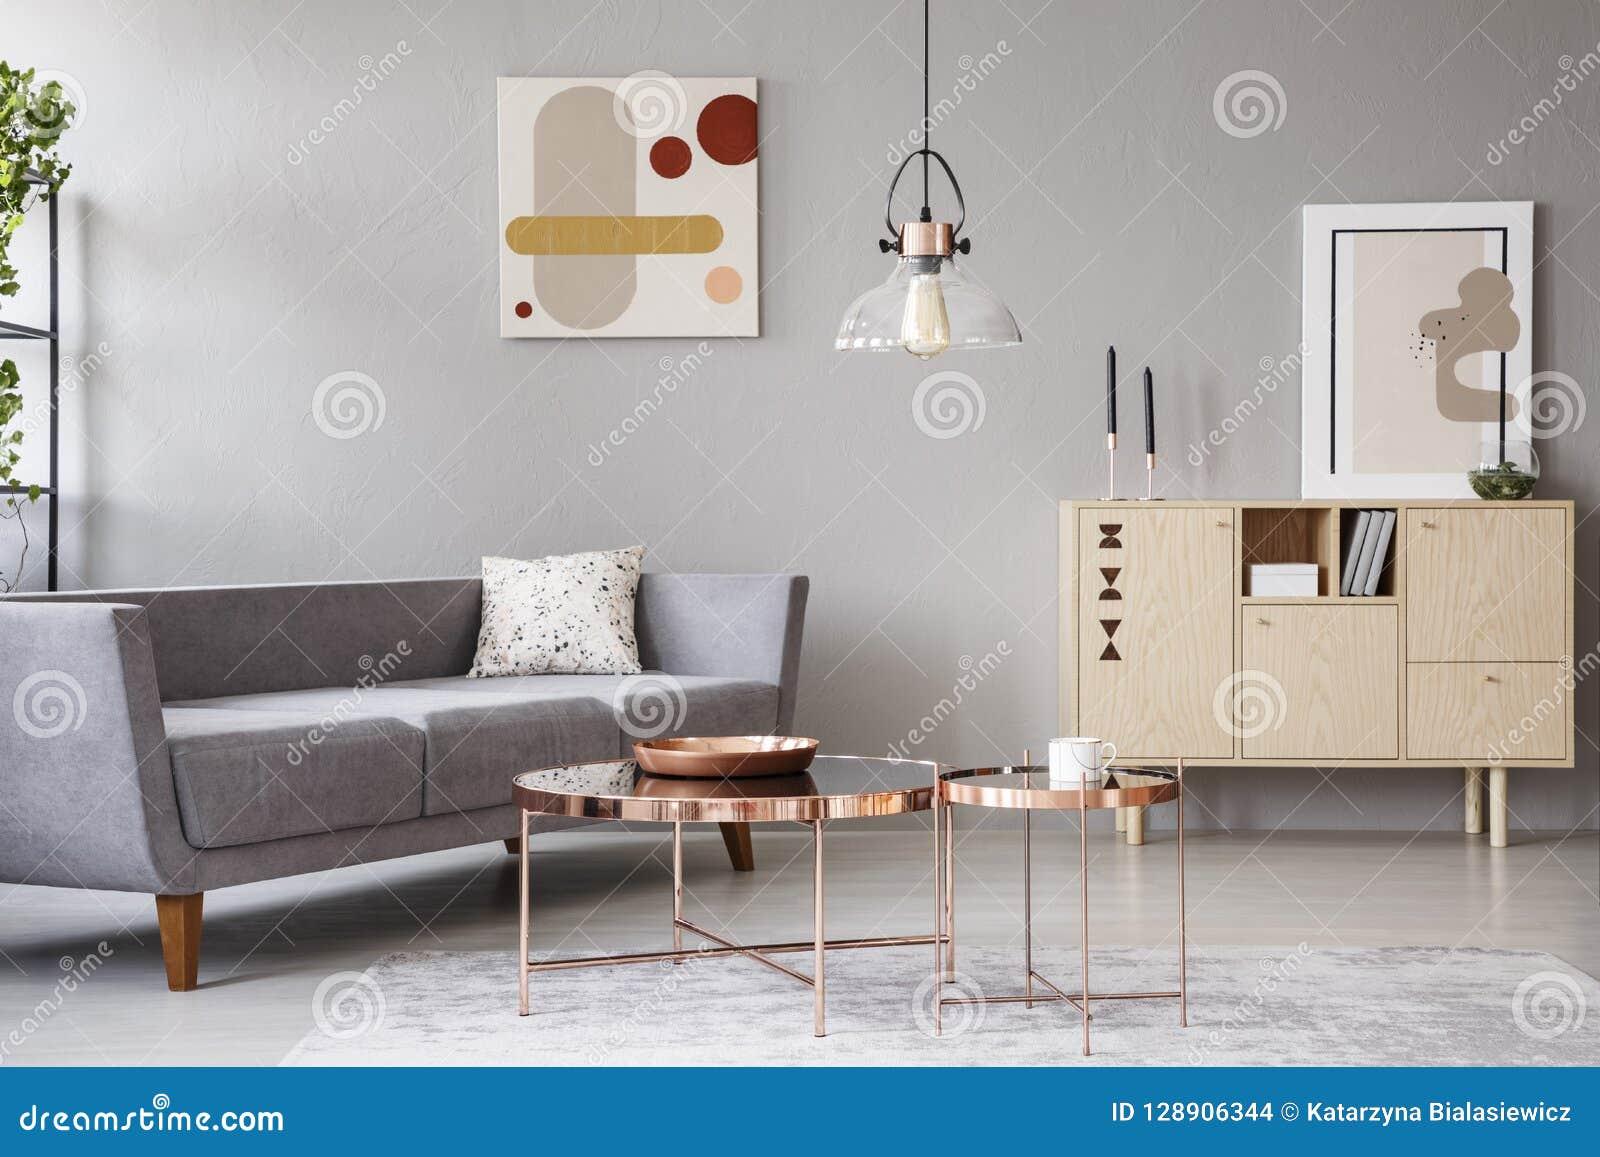 Intérieur Moderne De Salon Avec Un Sofa, Des Tables Basses De Cuivre Et Un  Placard